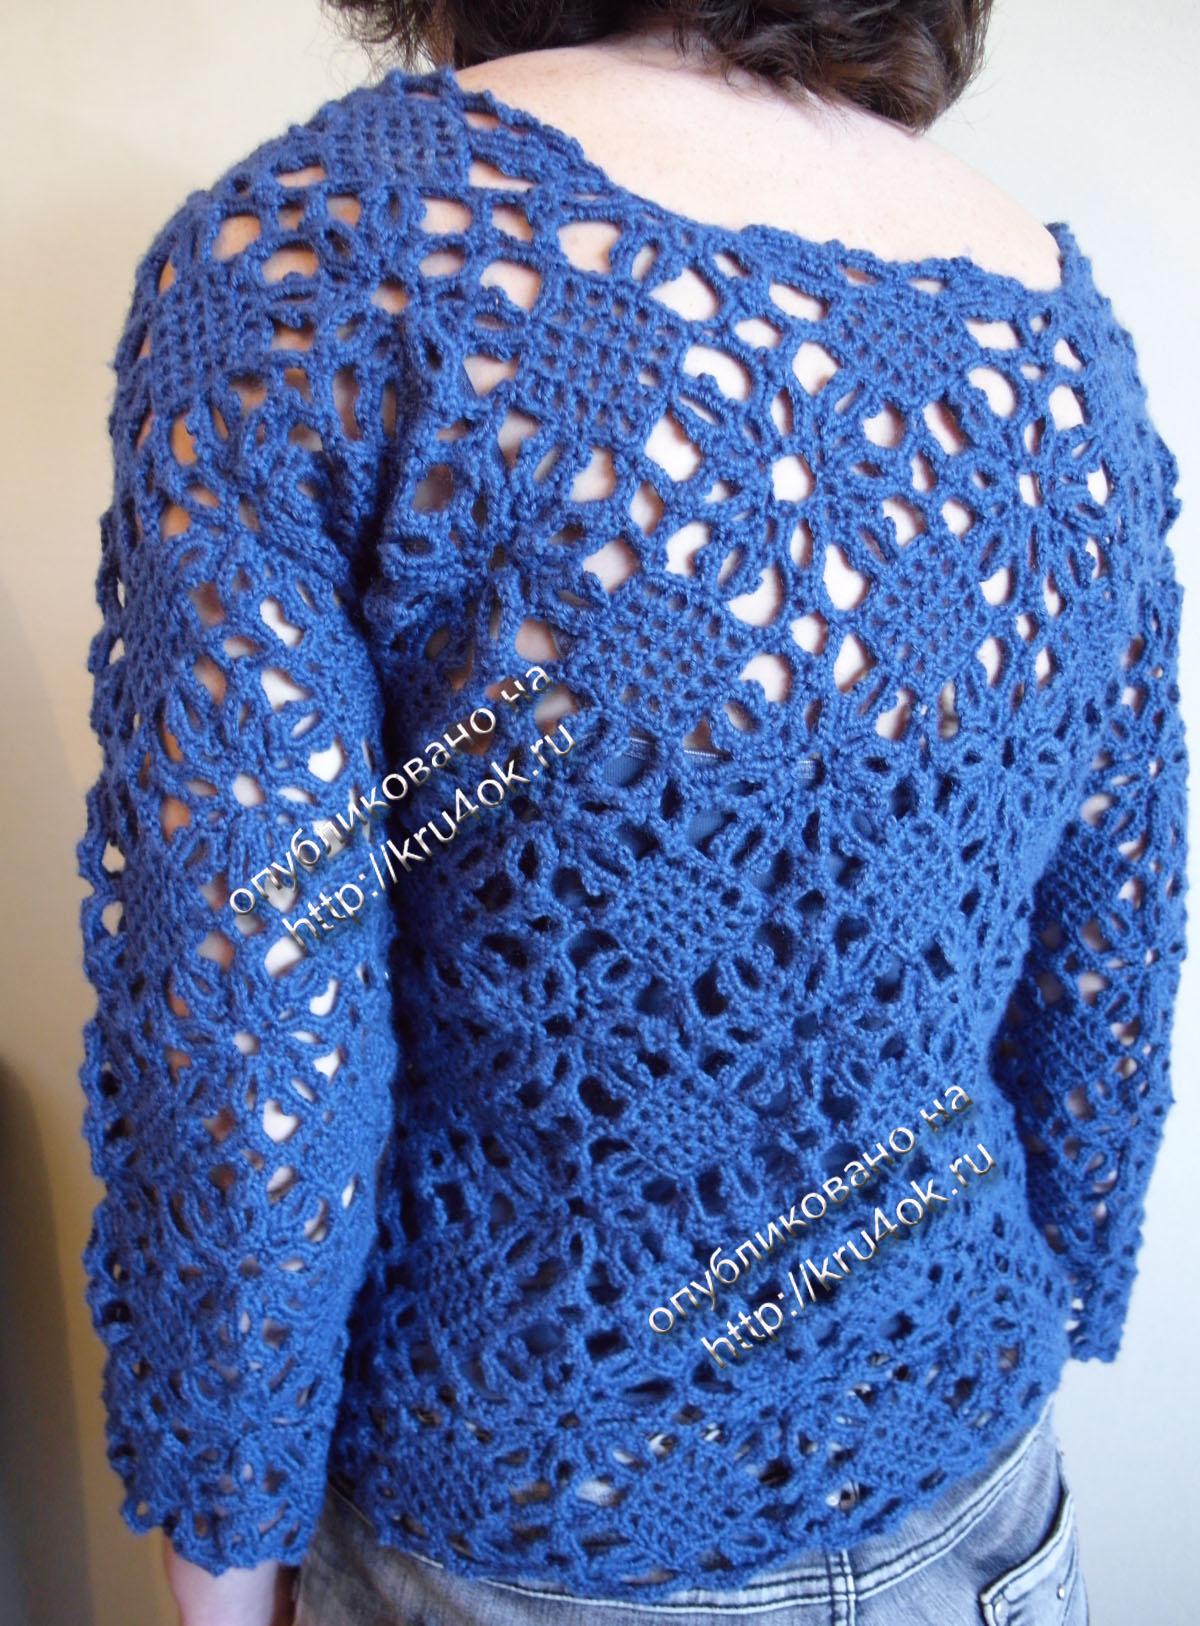 Фото: Экслюзивная одежда,вязаная крючком.  Одежда, Киев и область, Киев, цена.